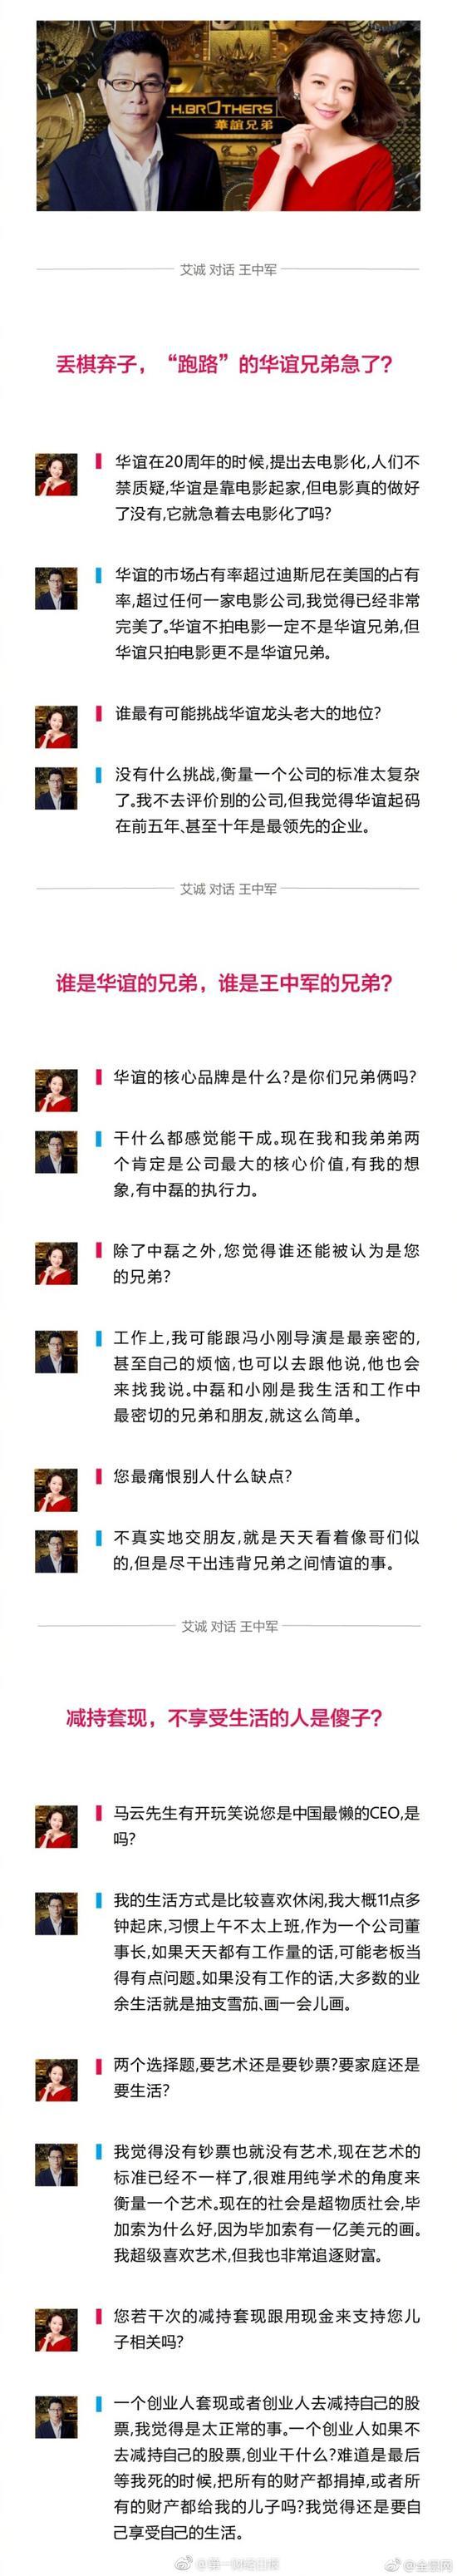 王忠军:创业人如果不减持 难道是等死后把财产捐掉